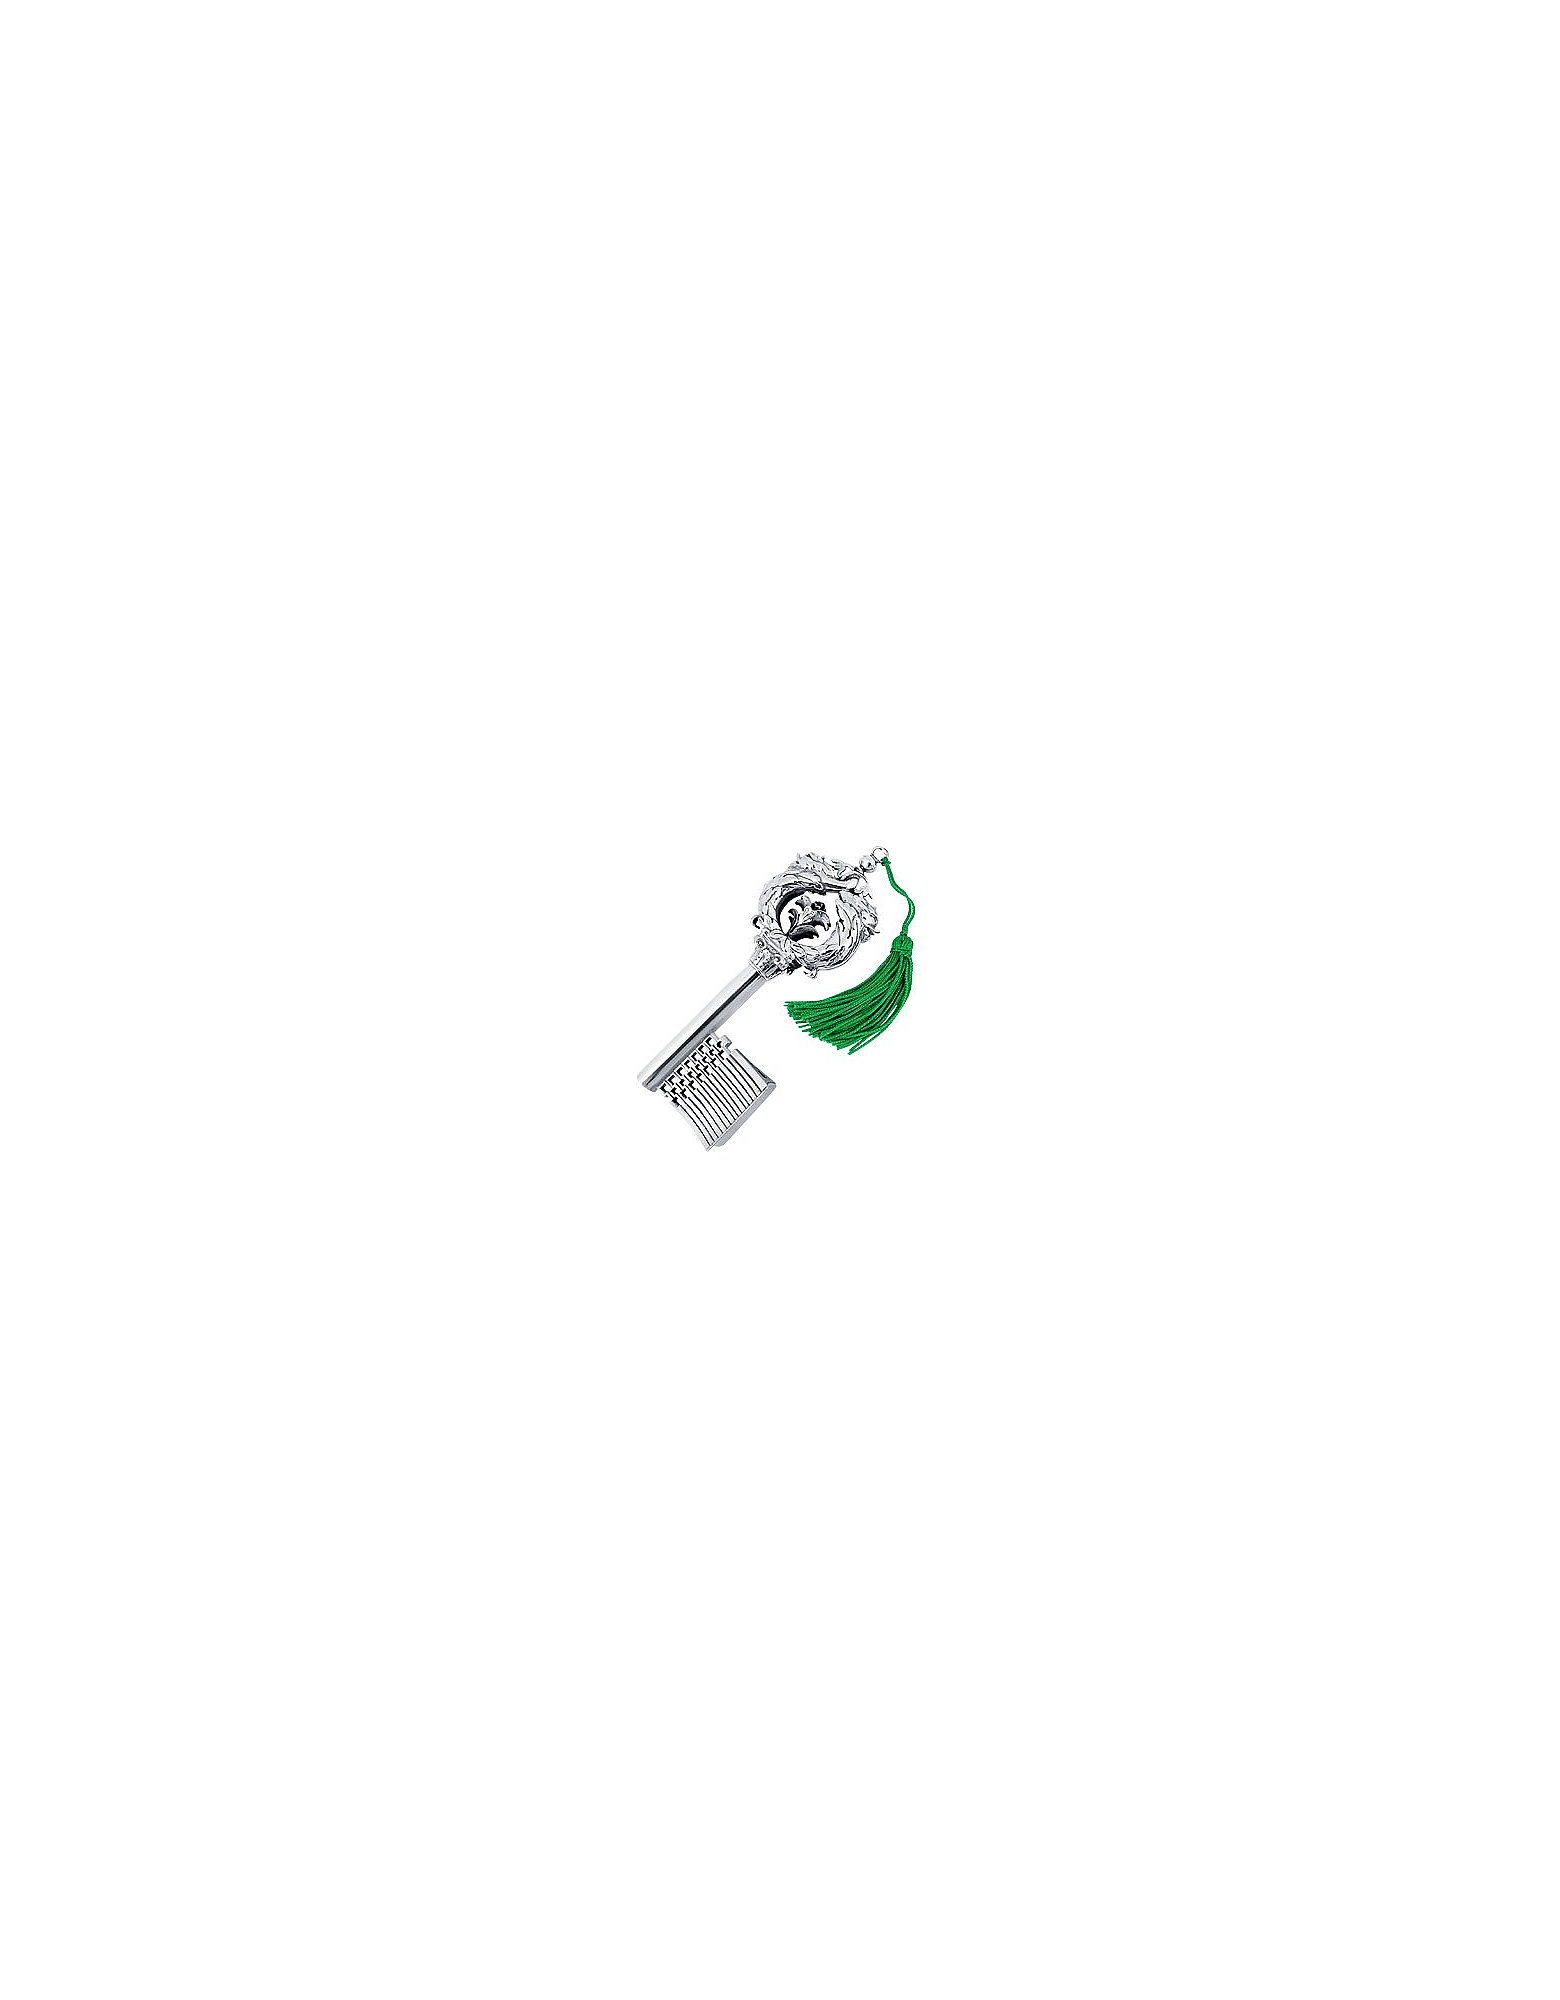 Masini Silver Giftware, Clavis - Jubilee Sterling Silver Key